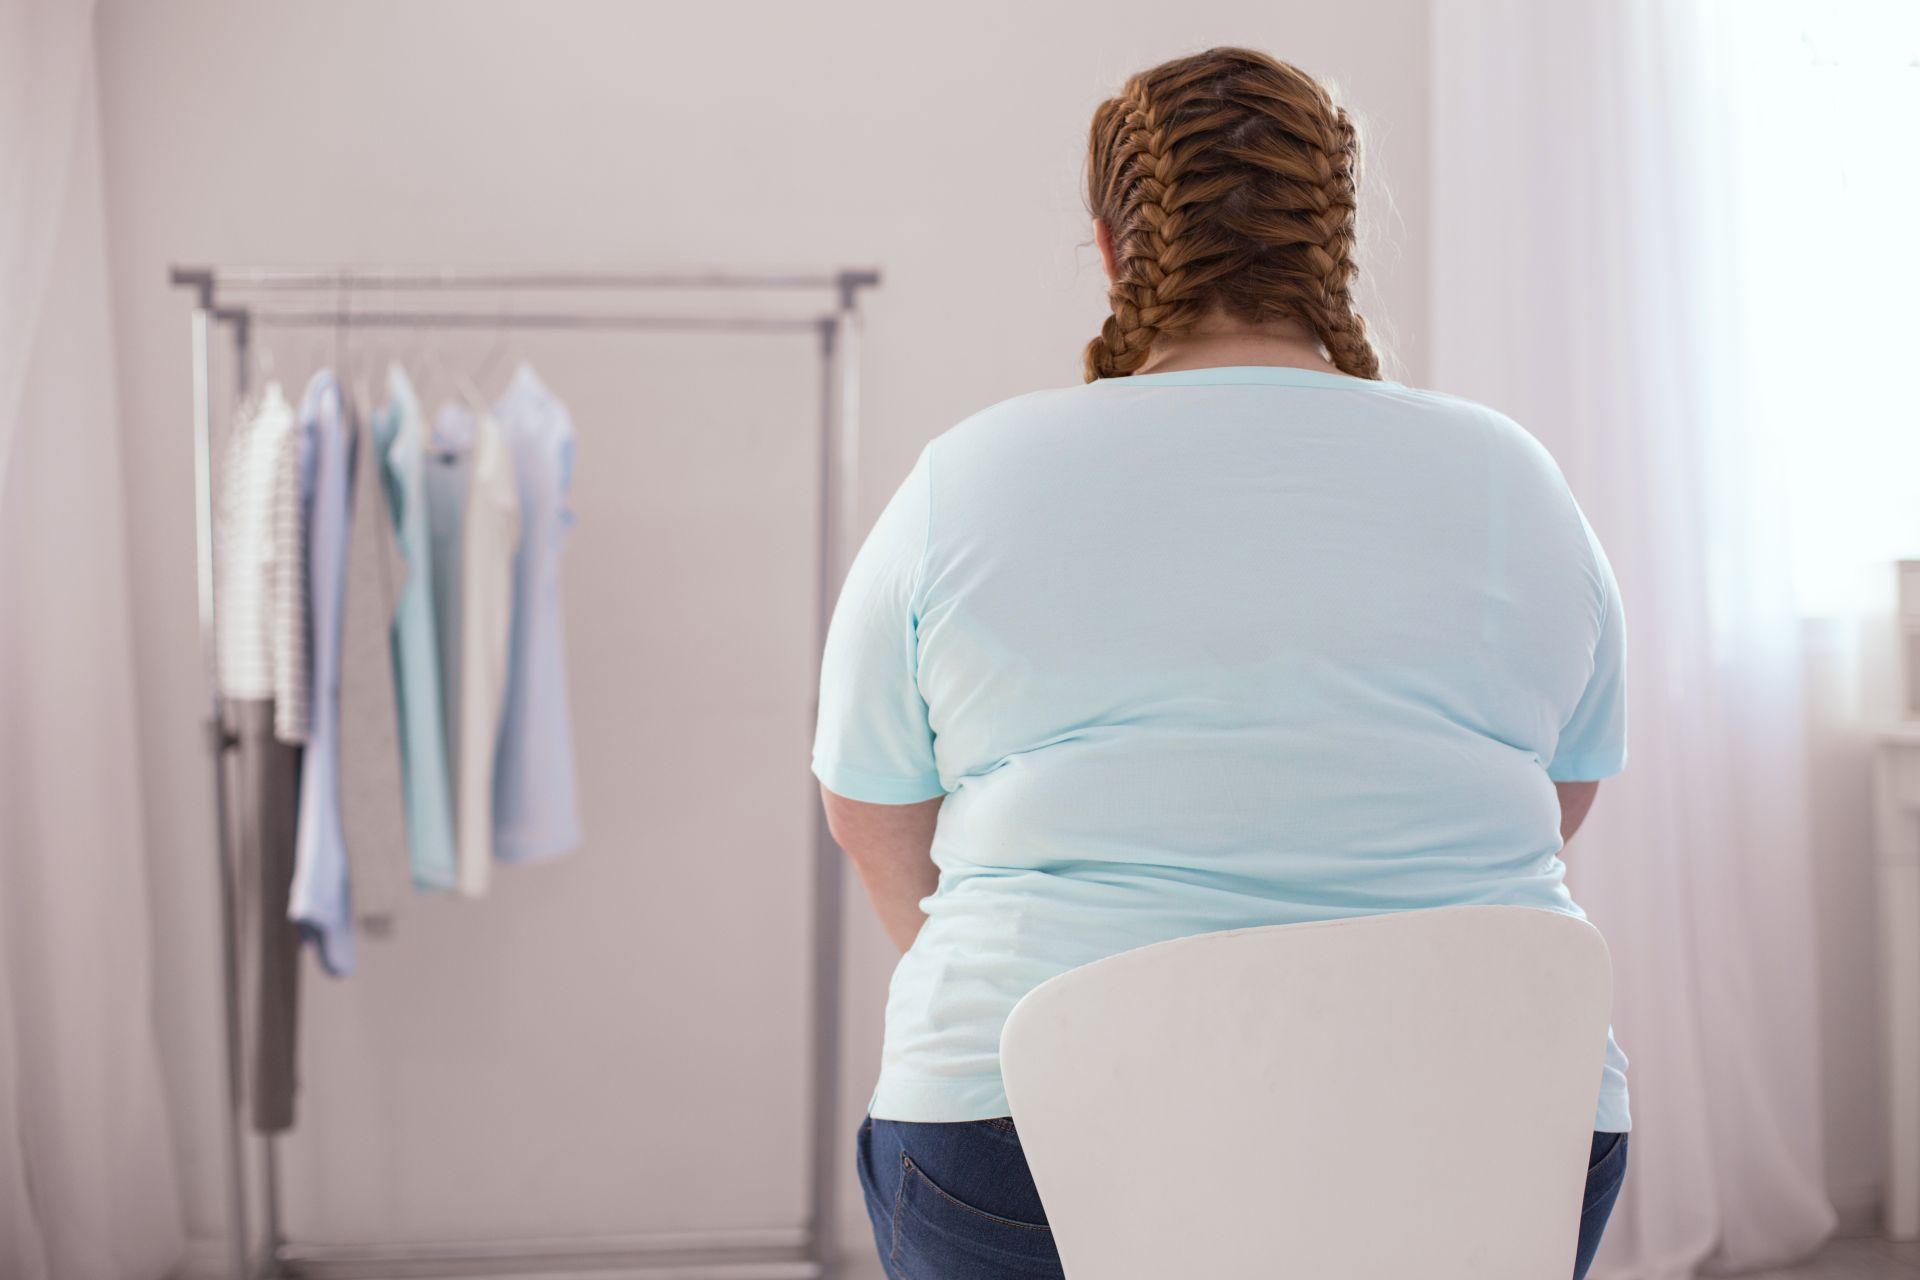 Nadwaga - jak wpływa na serce i układ krążenia? Sprawdź, jak powinna wyglądać dieta na otyłość brzuszną, aby unikać ryzyka rozwoju chorób serca i układu krążenia.